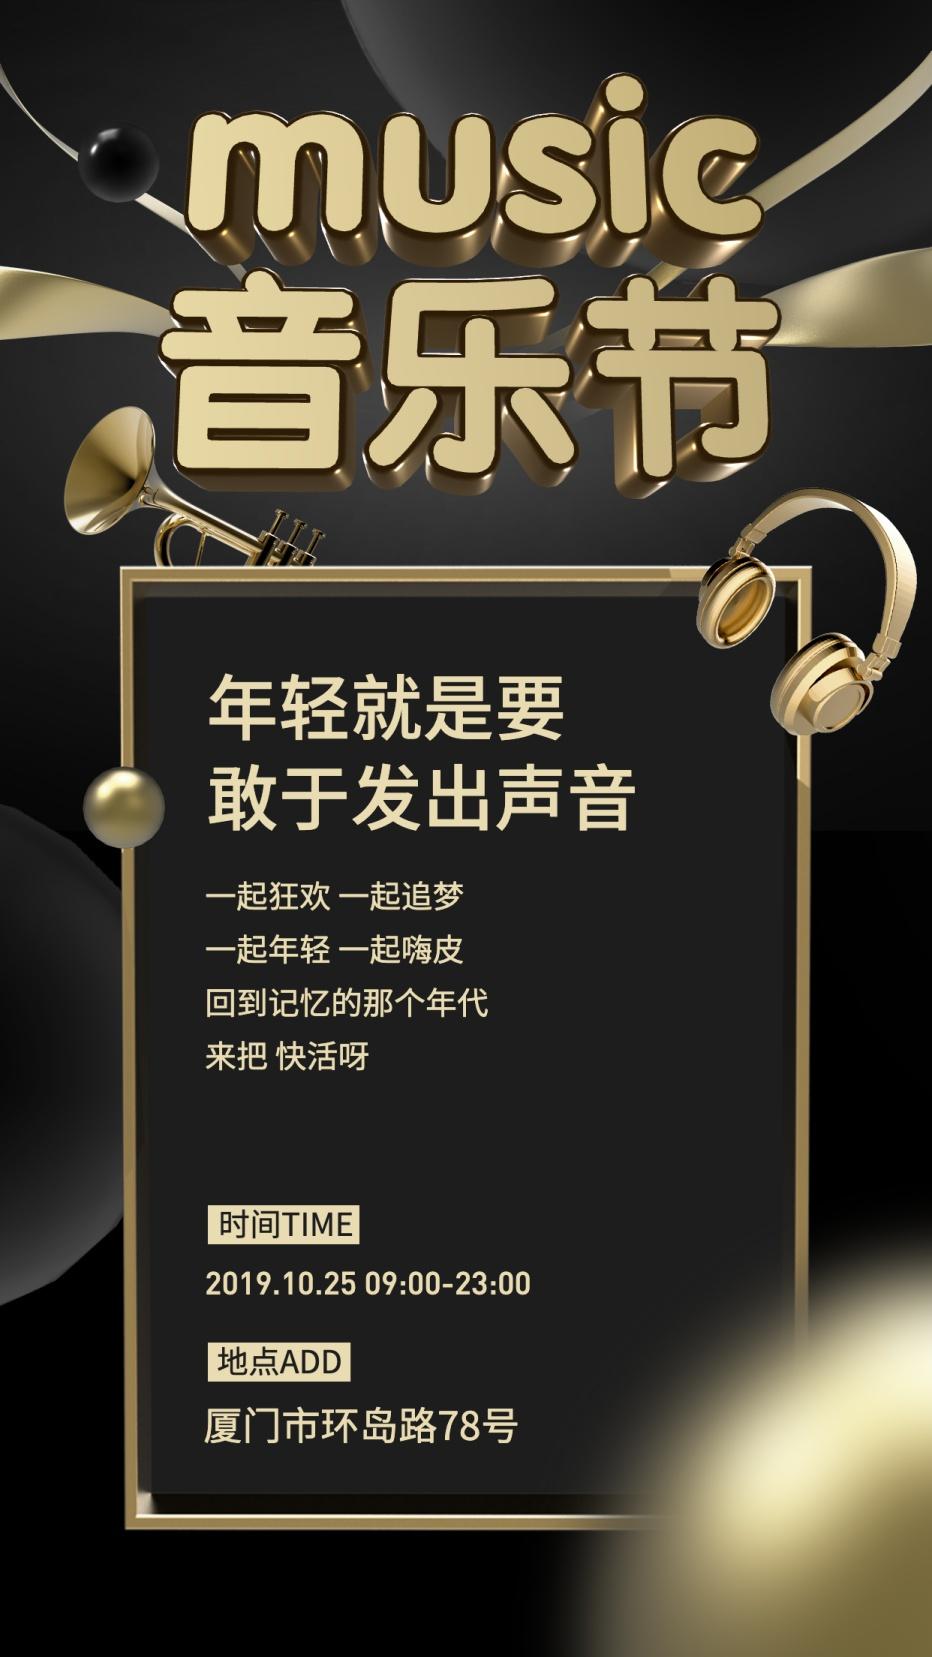 music音乐节黑金3D字体手机海报